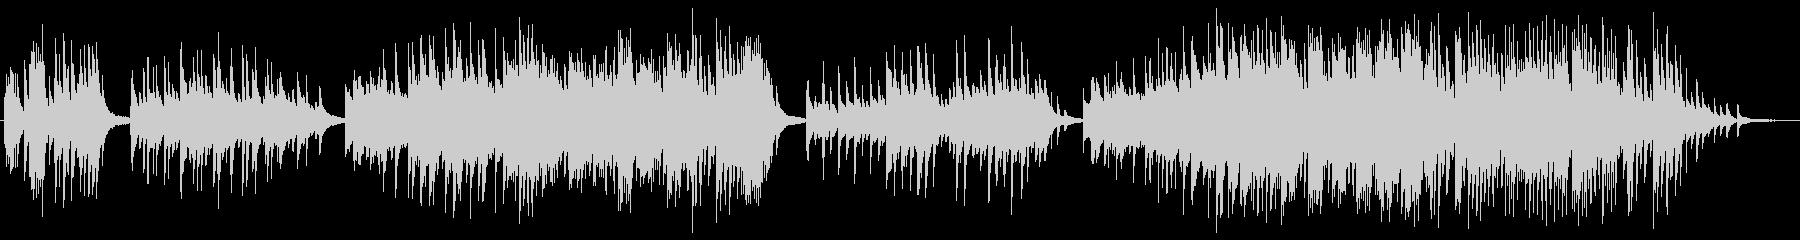 幻想的でメロディアスなピアノソロの未再生の波形